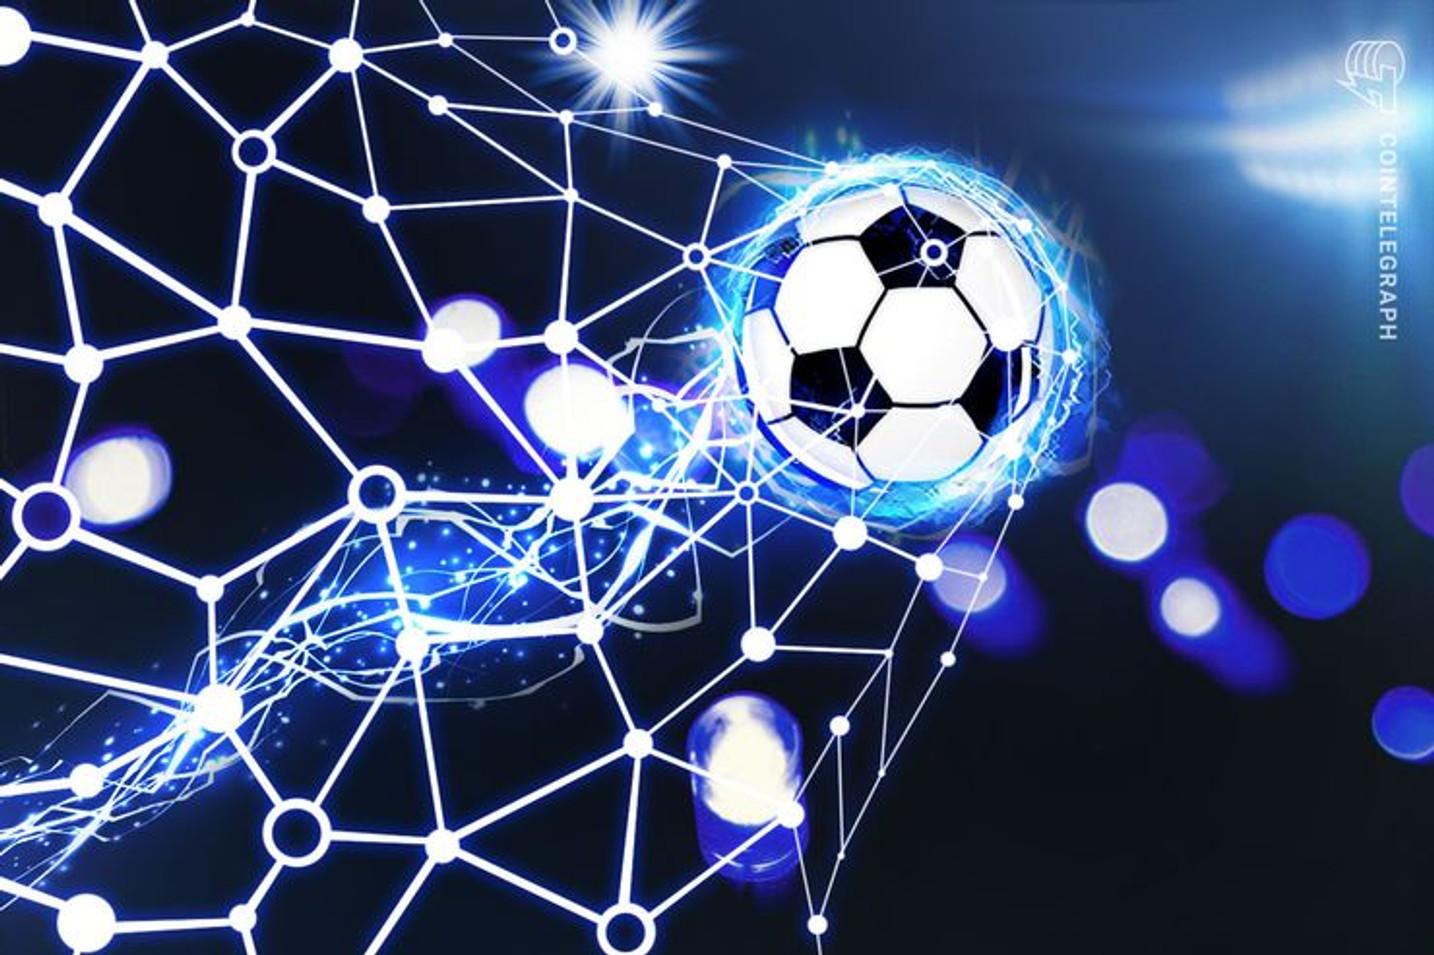 El Real Madrid firmó un acuerdo con Fantastec SWAP, una plataforma de elementos coleccionables basada en Blockchain